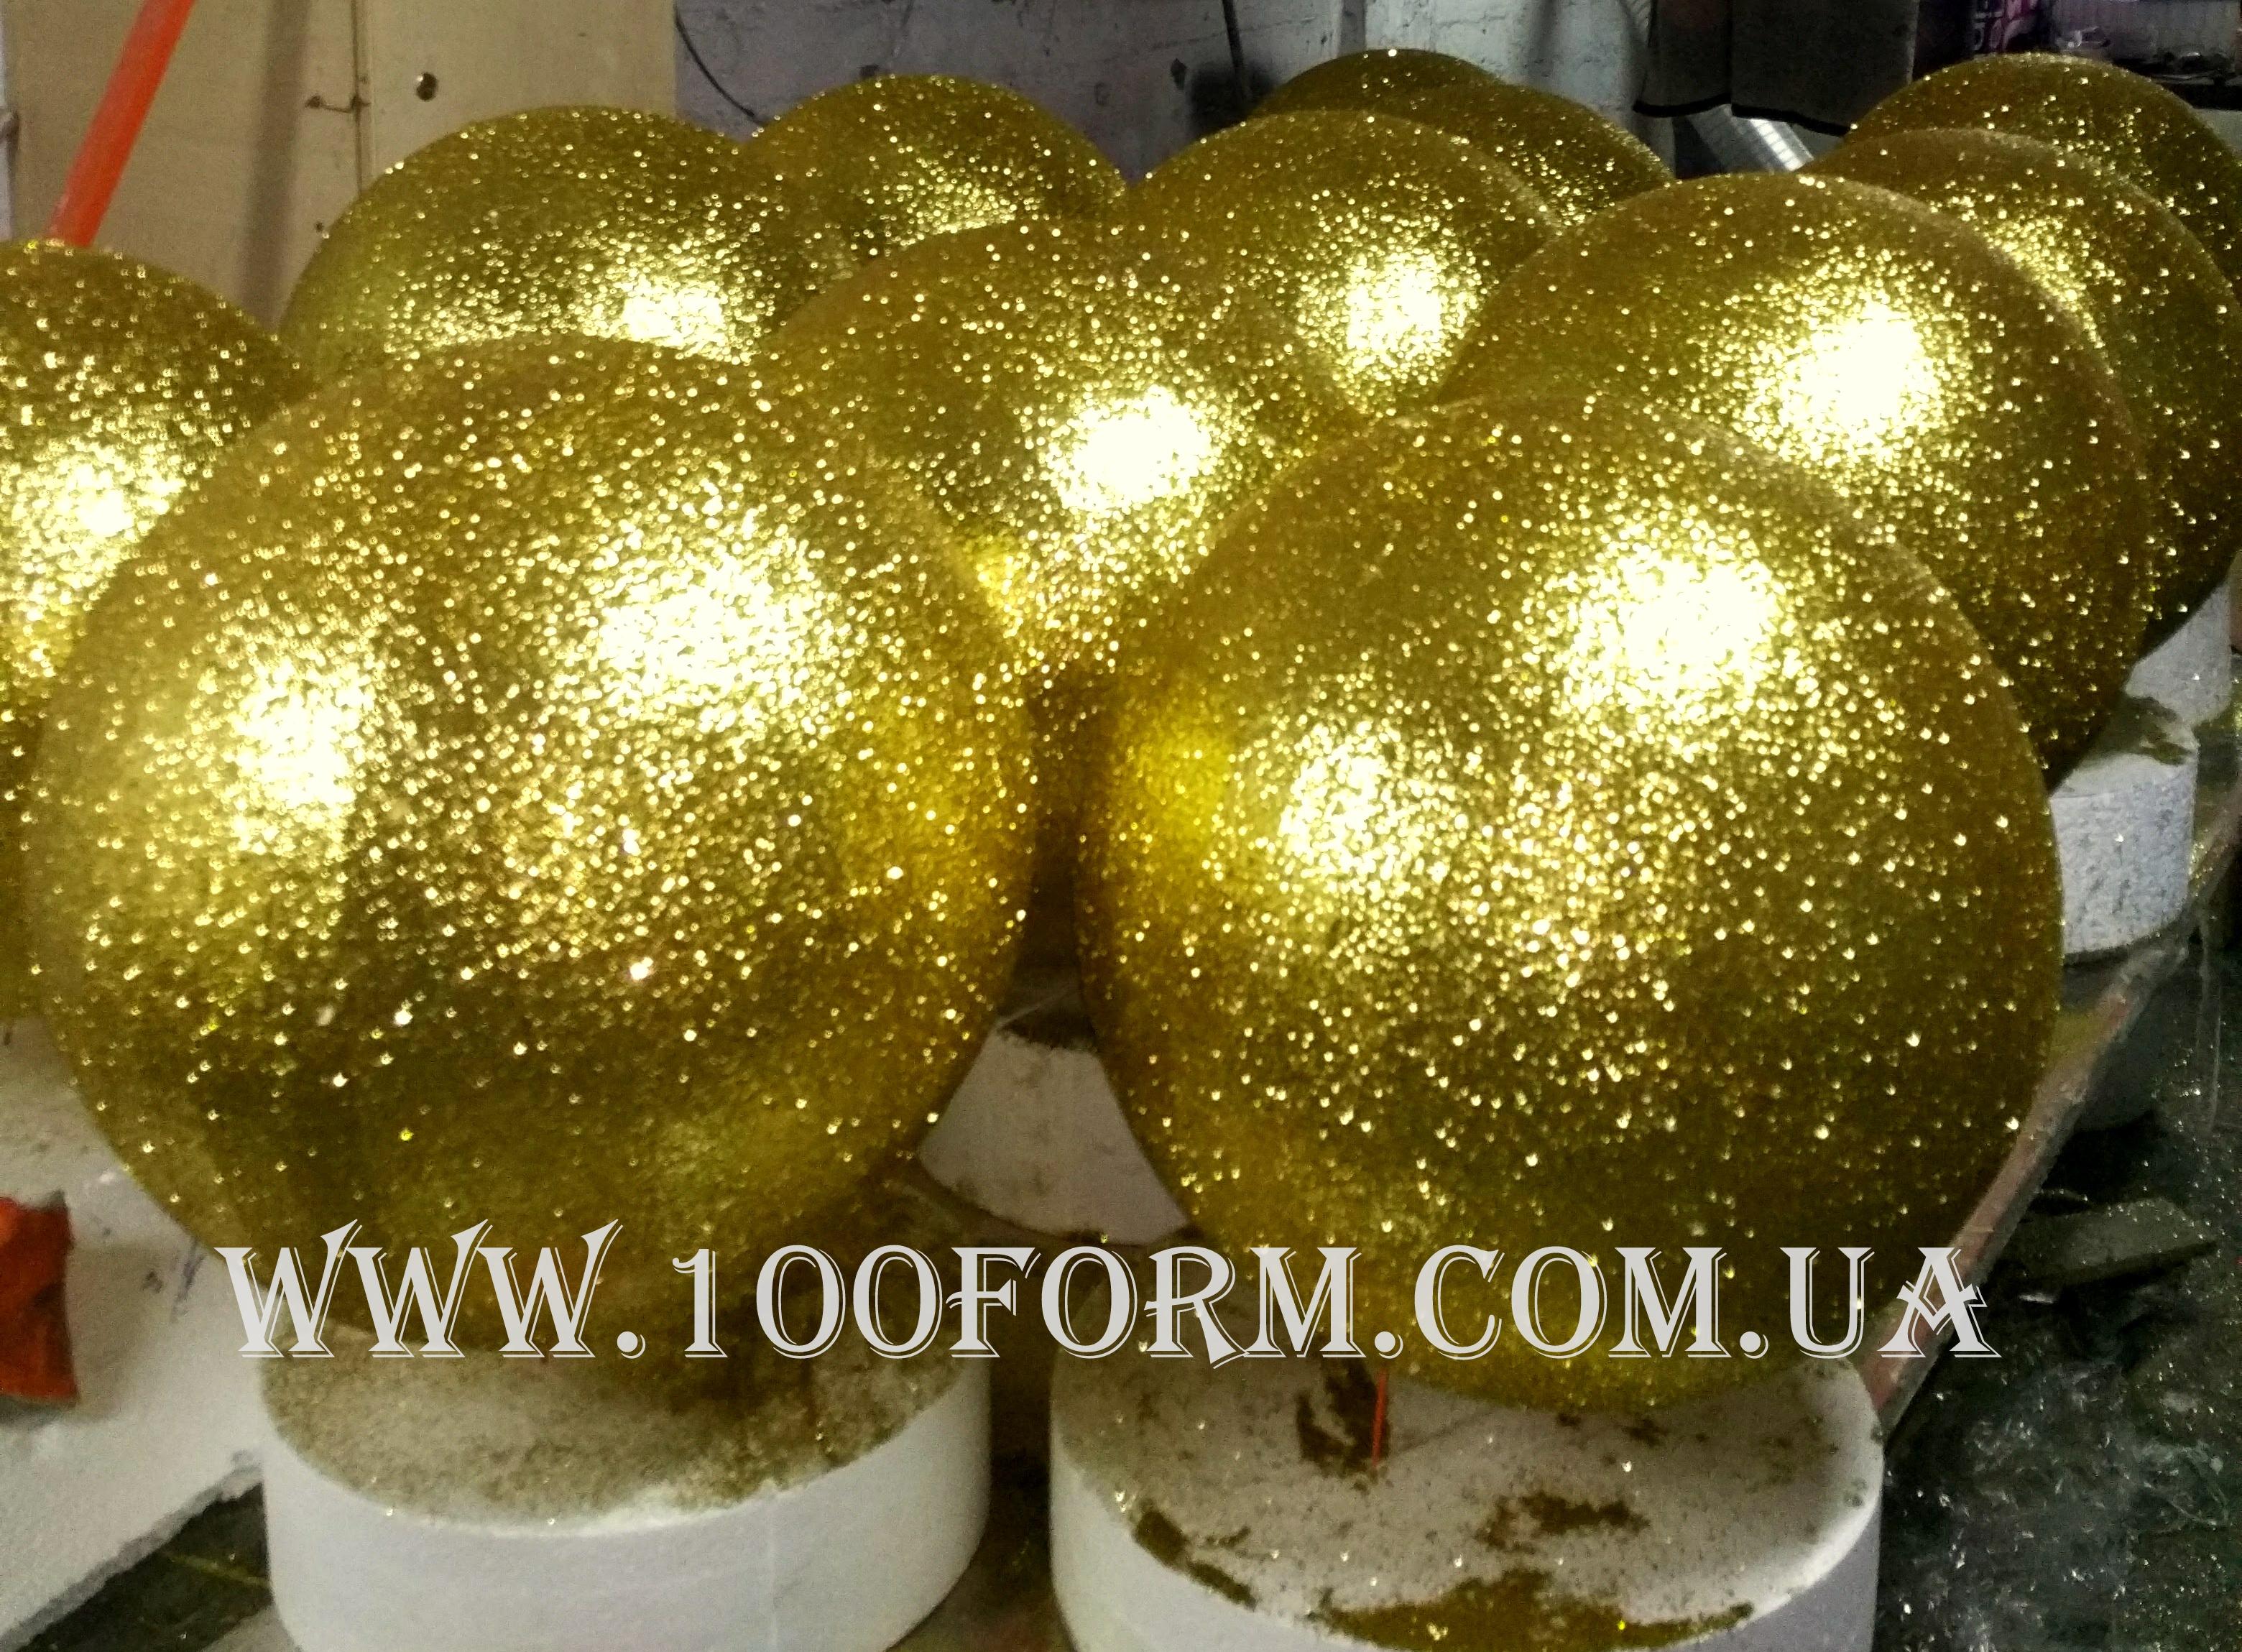 декор из пенопласта, шары из пенопласта на Новый год